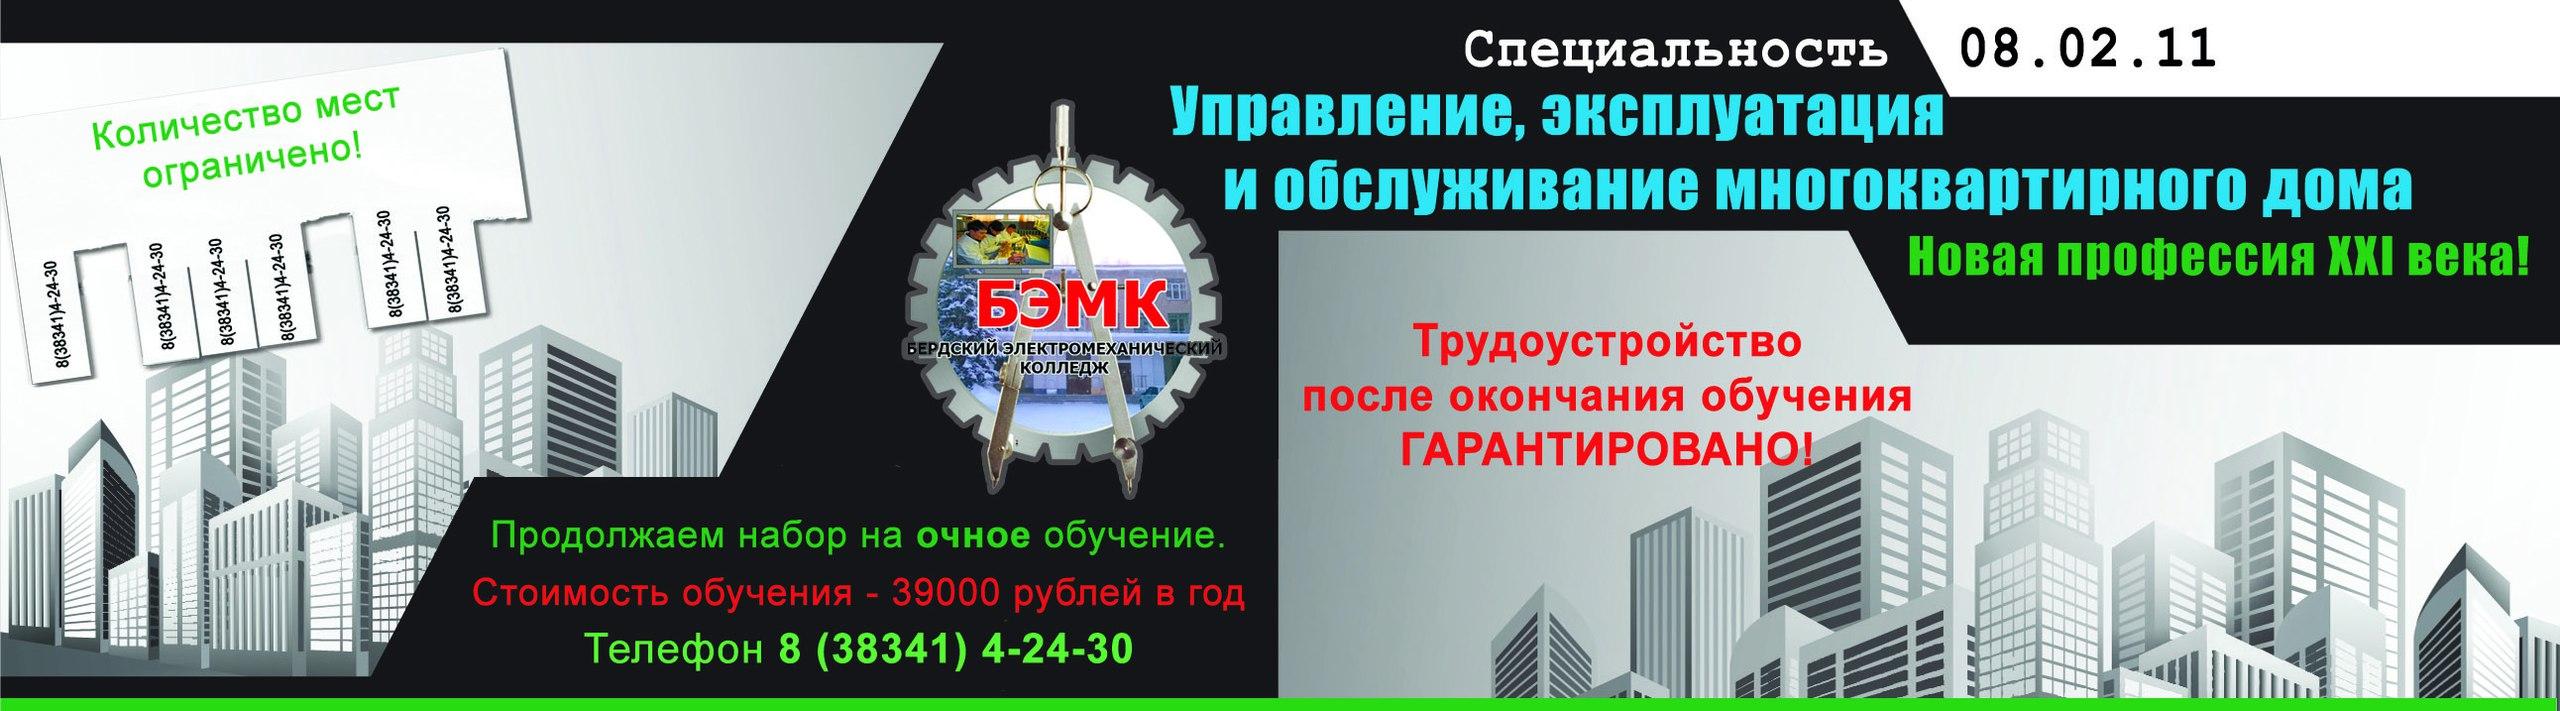 управление и обслужмвание многоквартирного дома обучение 100 рублей кальсоны